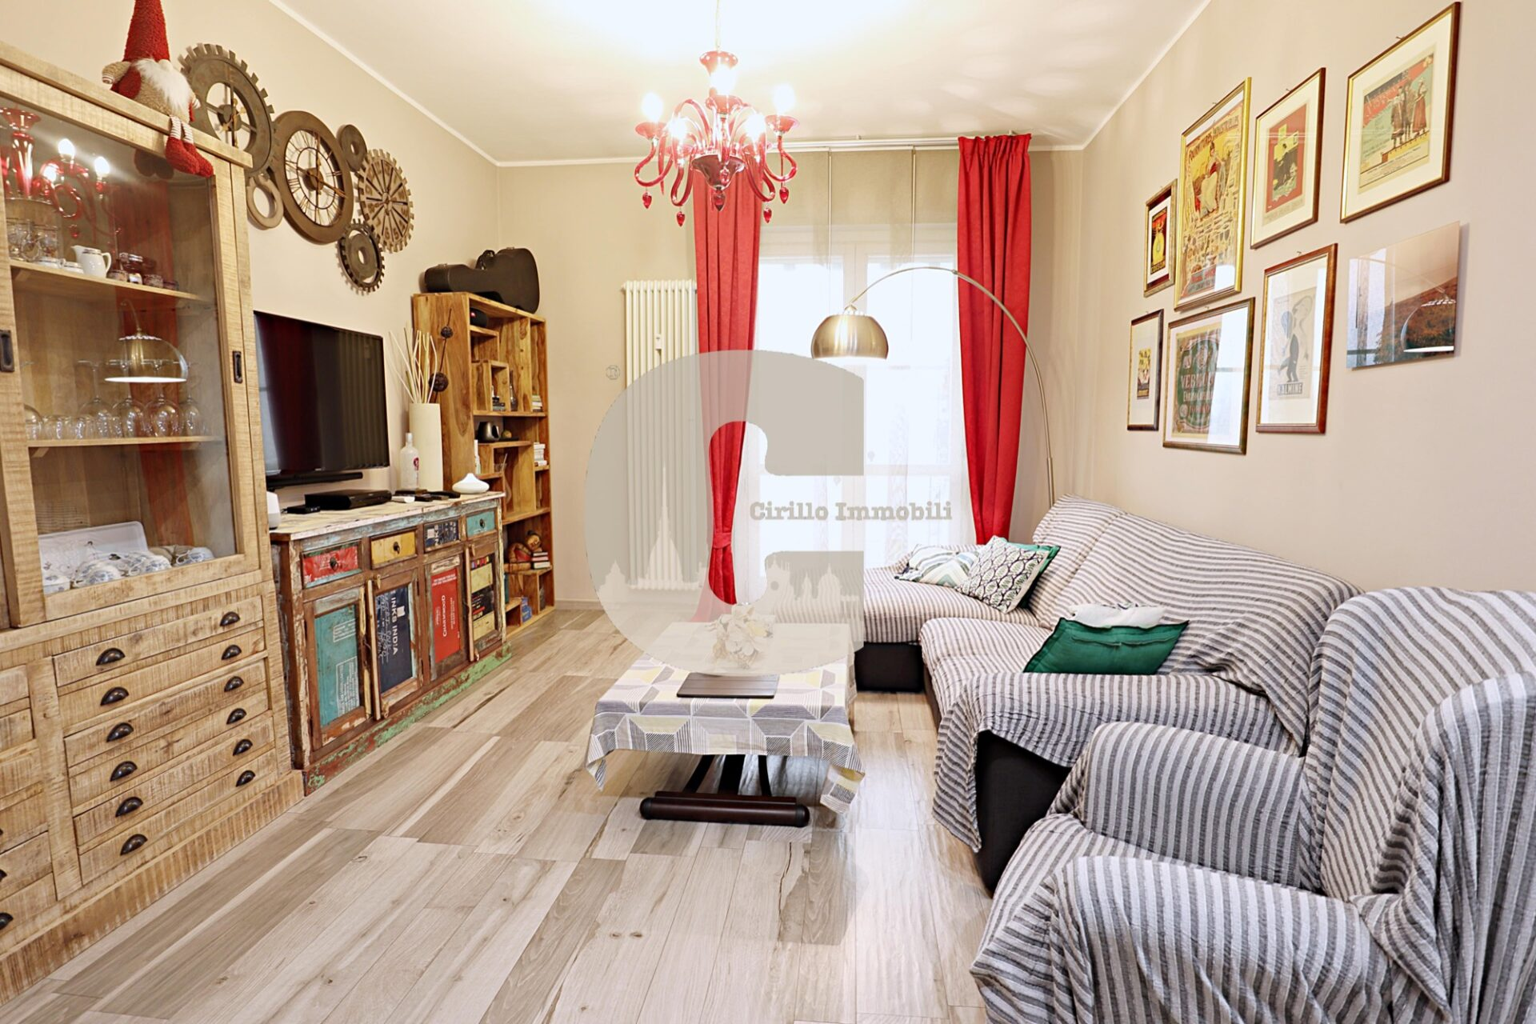 Appartamento via Farinelli n.24 – Torino Mirafiori